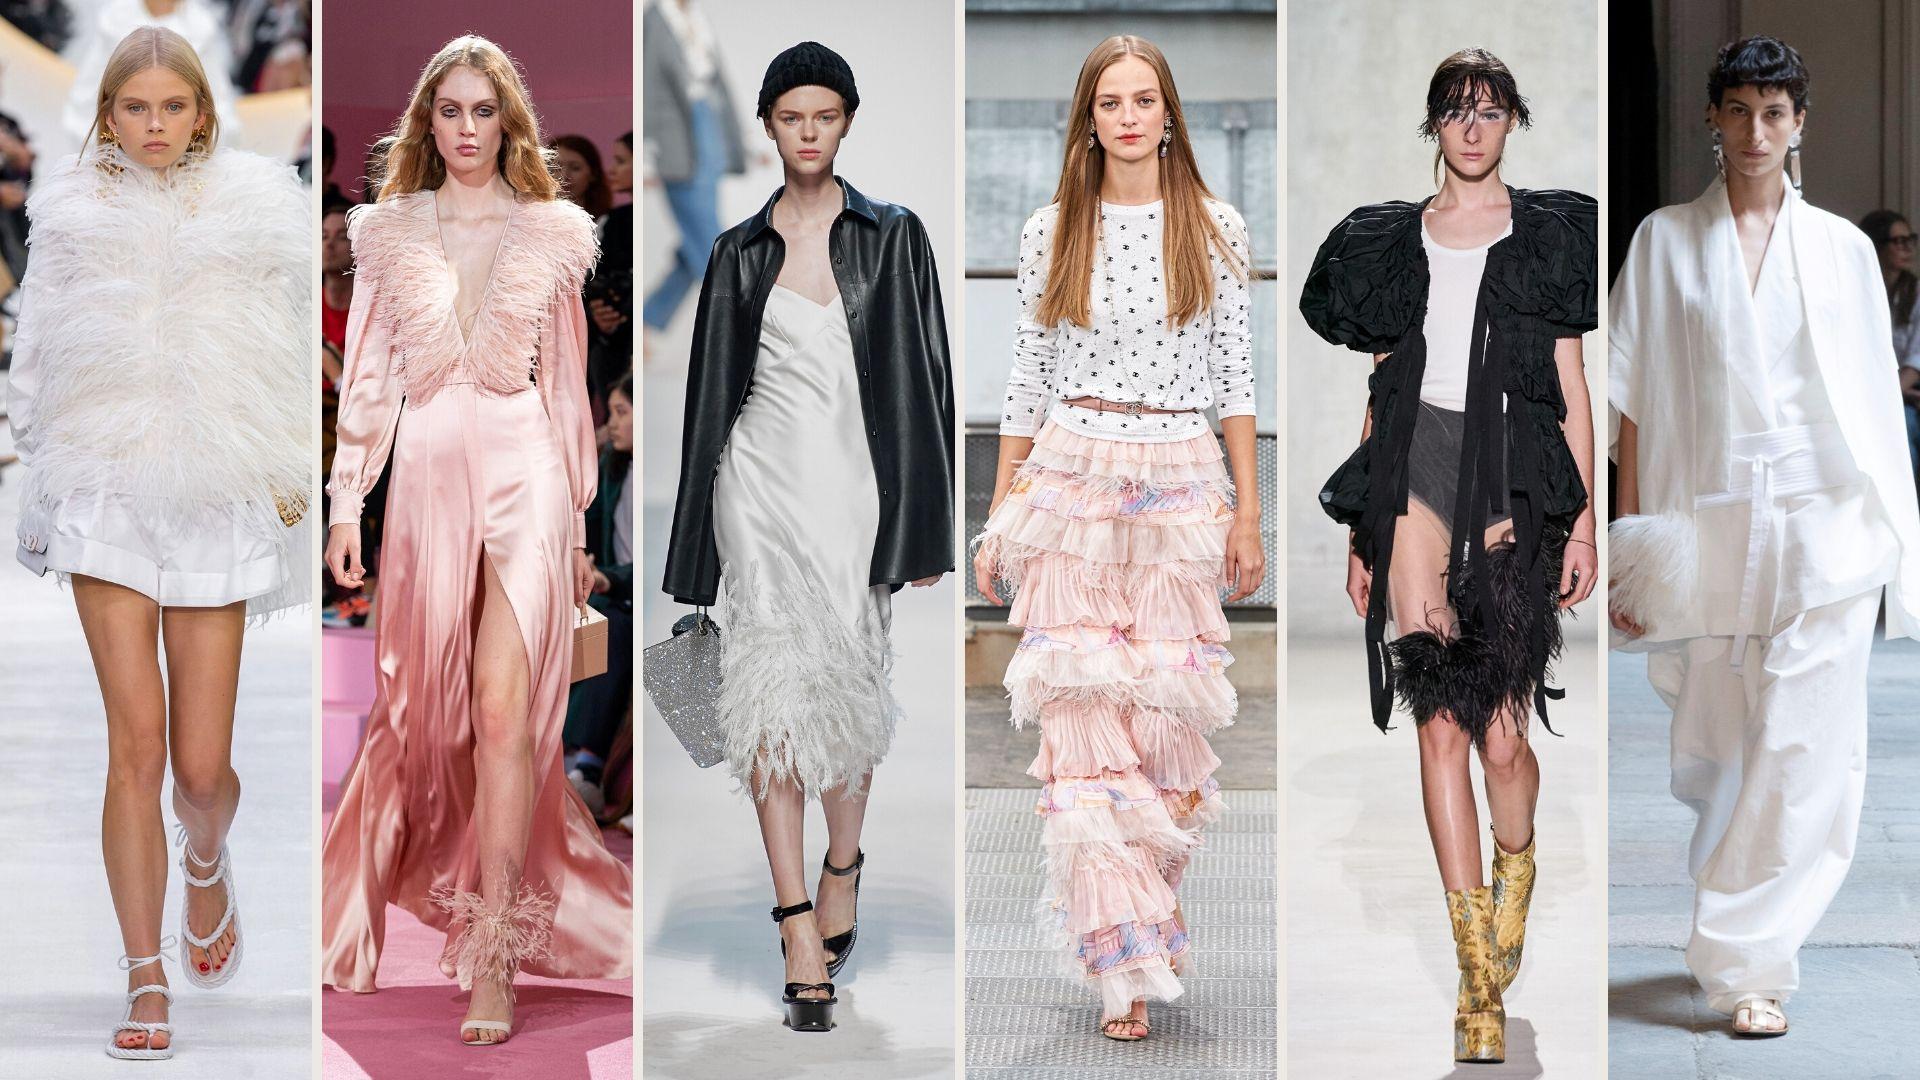 piume la tendenza moda primavera estate 2020